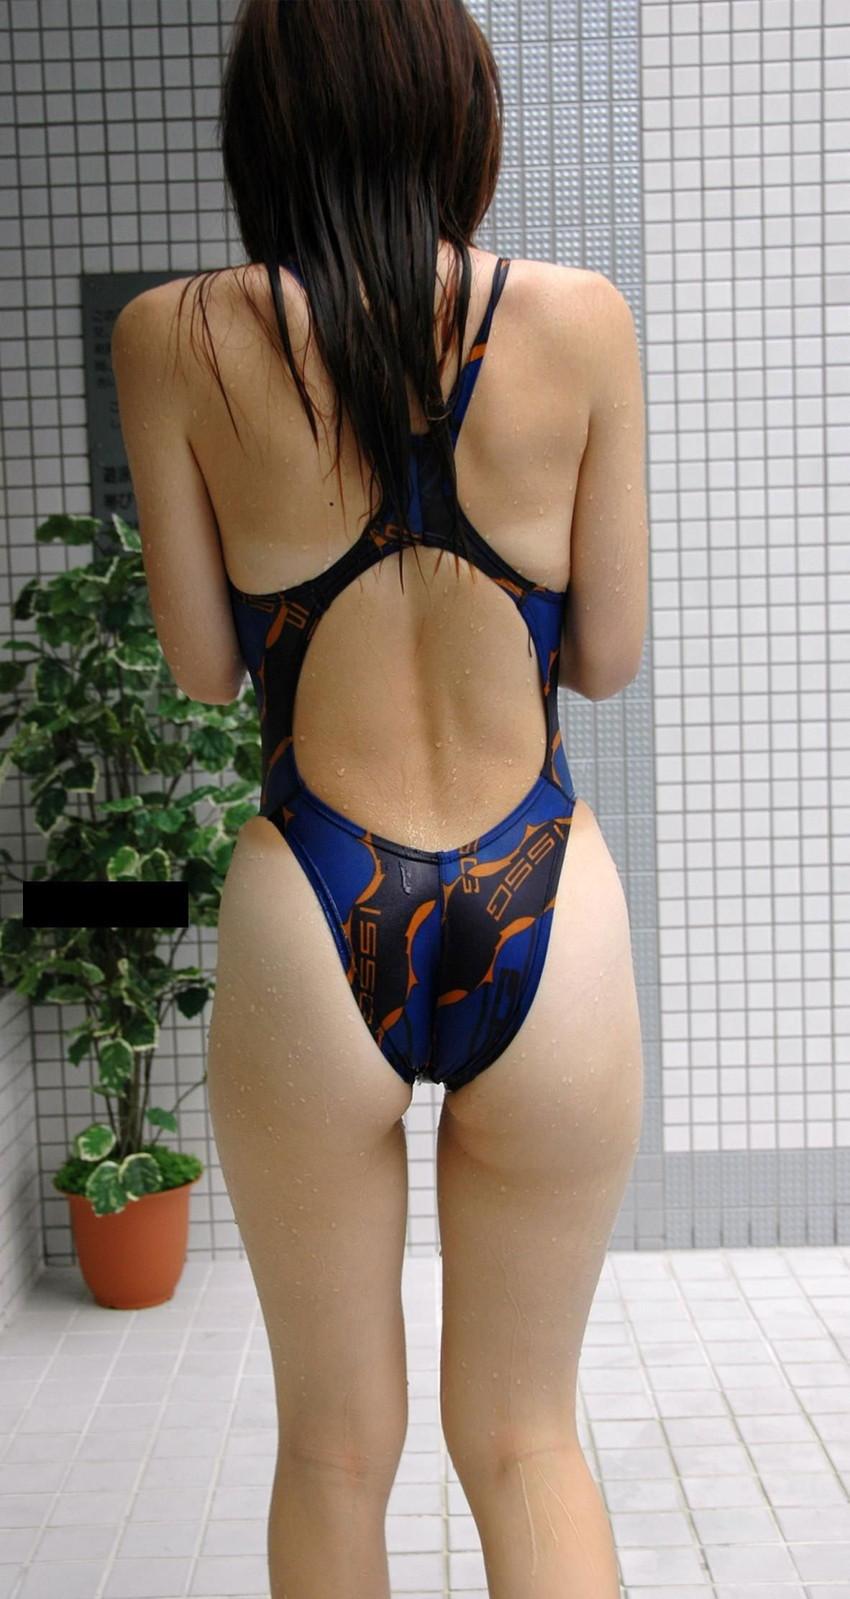 【競泳水着エロ画像】競泳水着っていうけど、これってビキニよりエロい水着なのでは?w 12